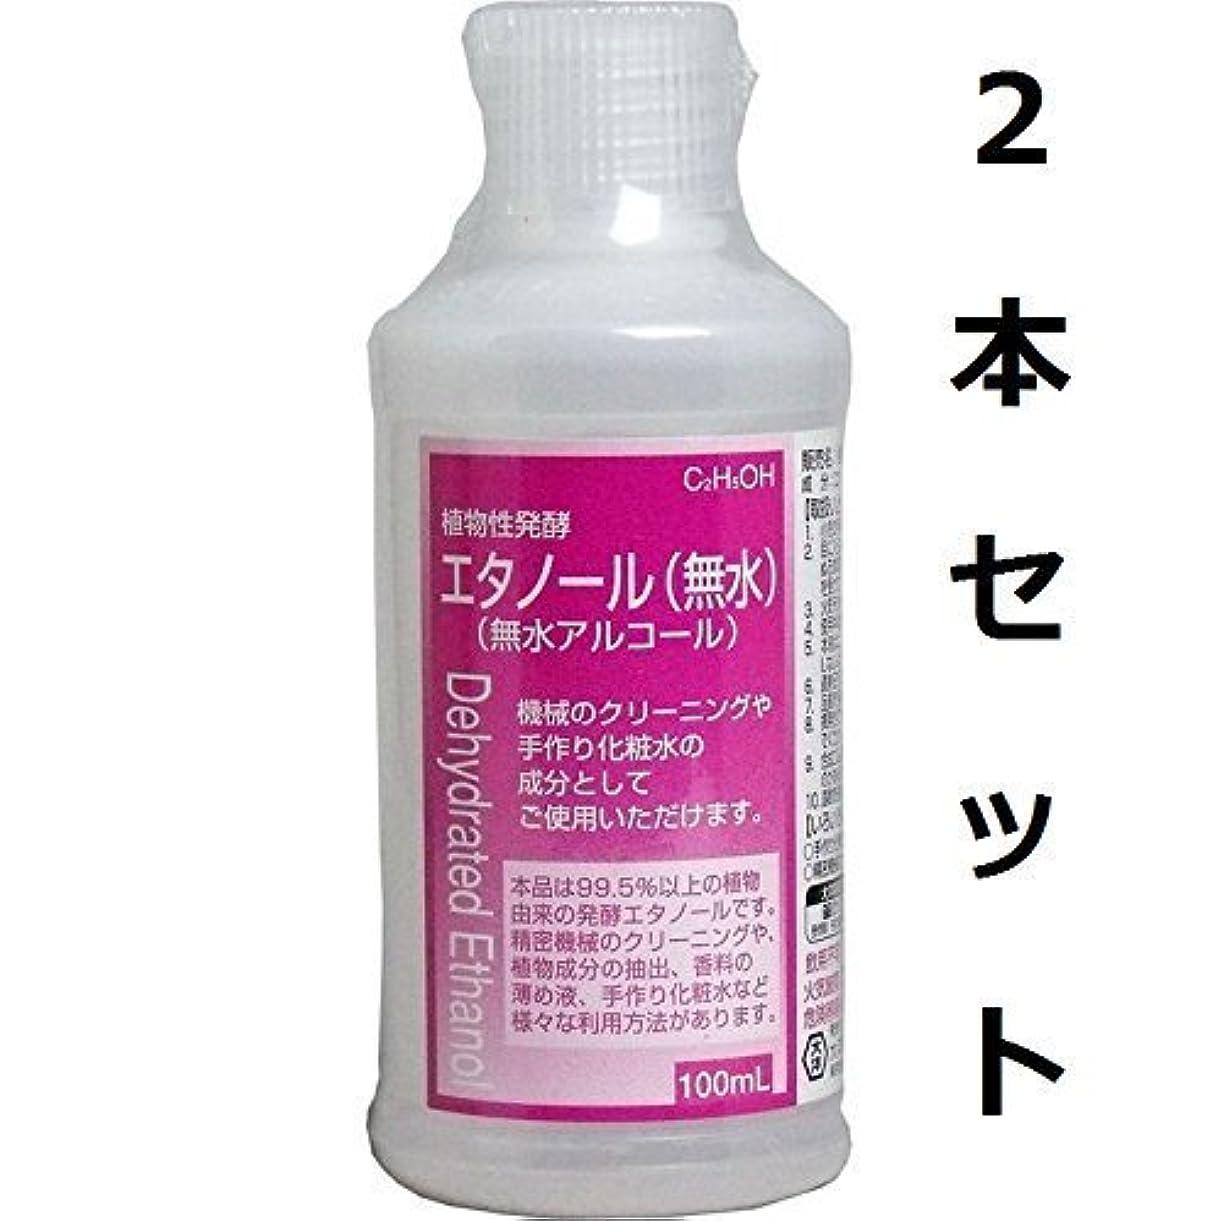 相談避難空中香料の薄め液に 植物性発酵エタノール(無水エタノール) 100mL 2本セット by 大洋製薬